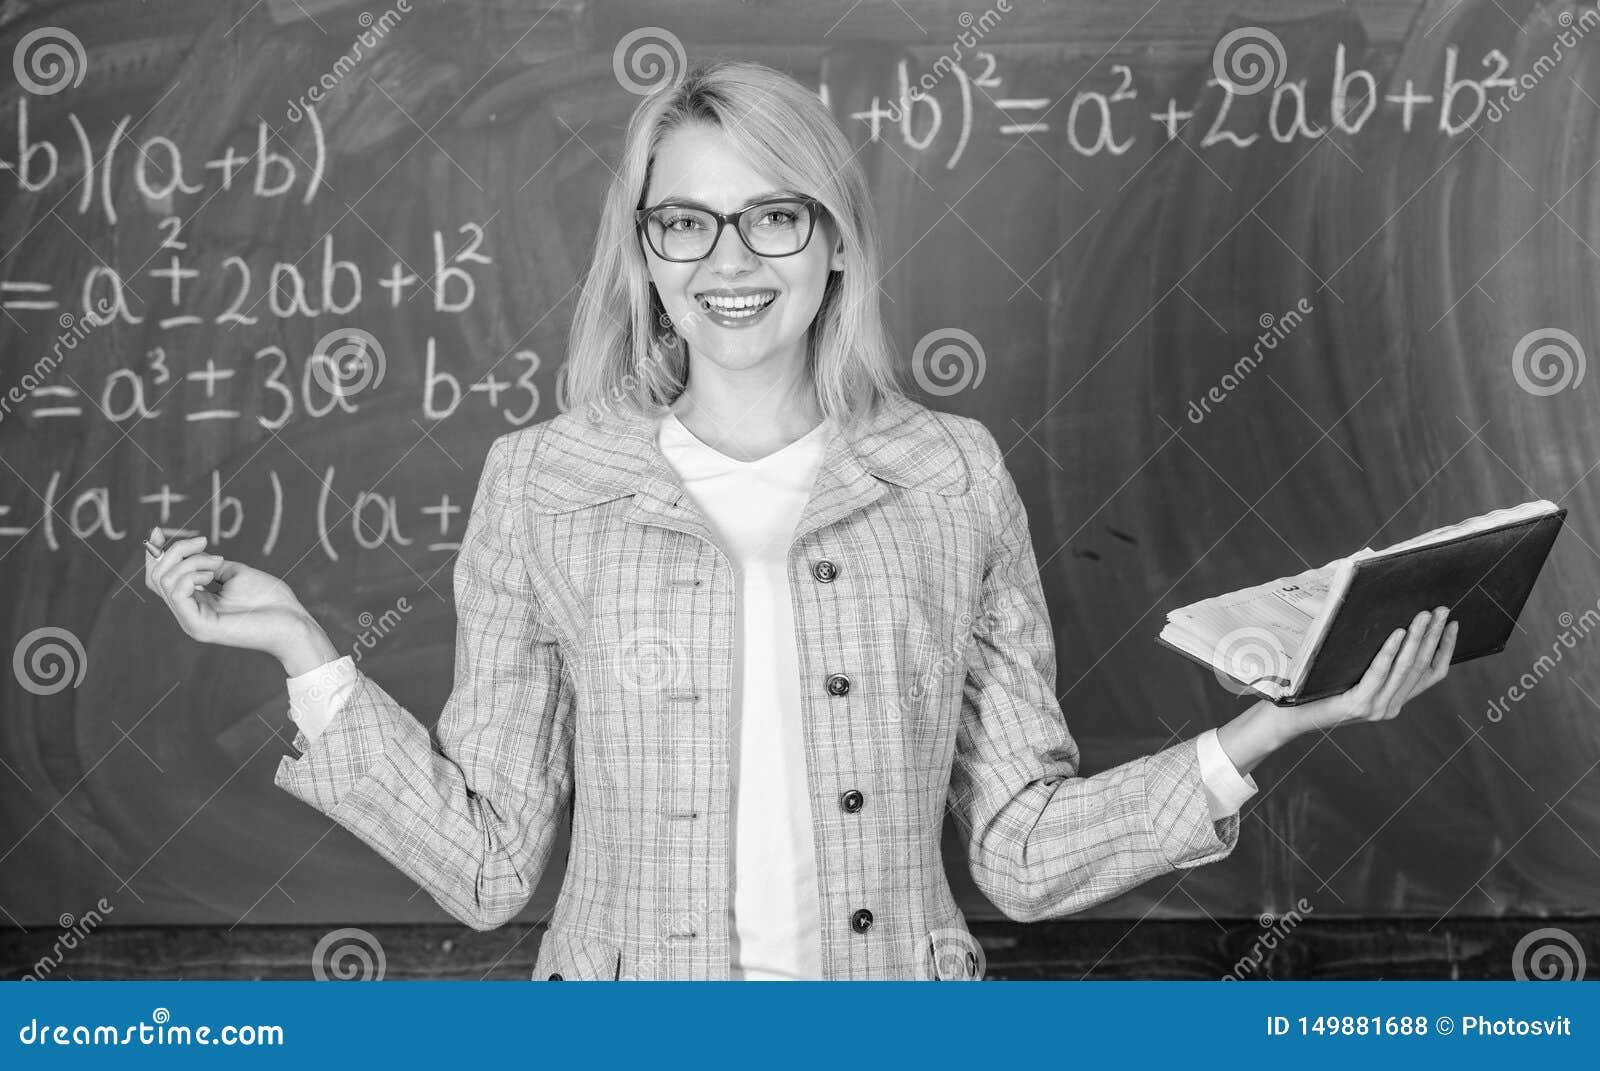 老师妇女有书黑板背景 老师为什么放弃了有重音的病残 劳累过度和缺乏支持